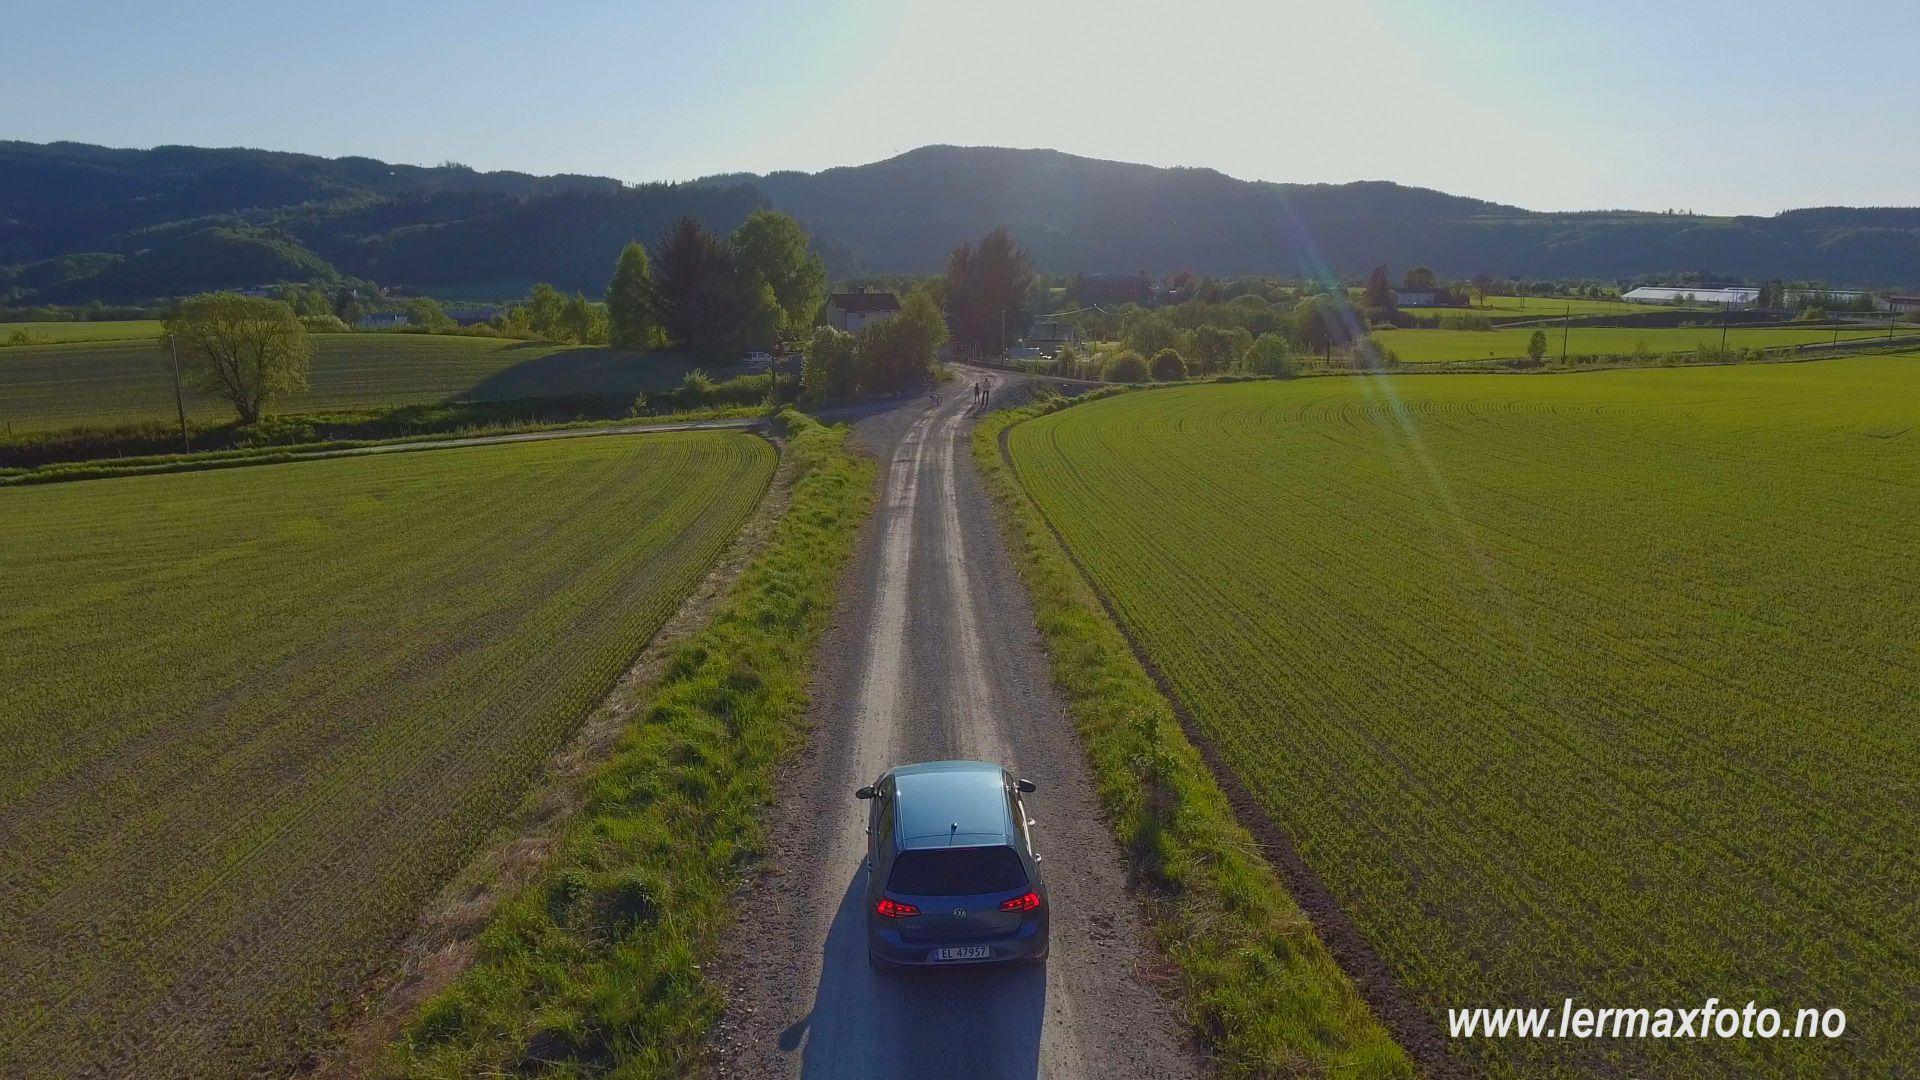 Lermax Foto: Drone Foto/video